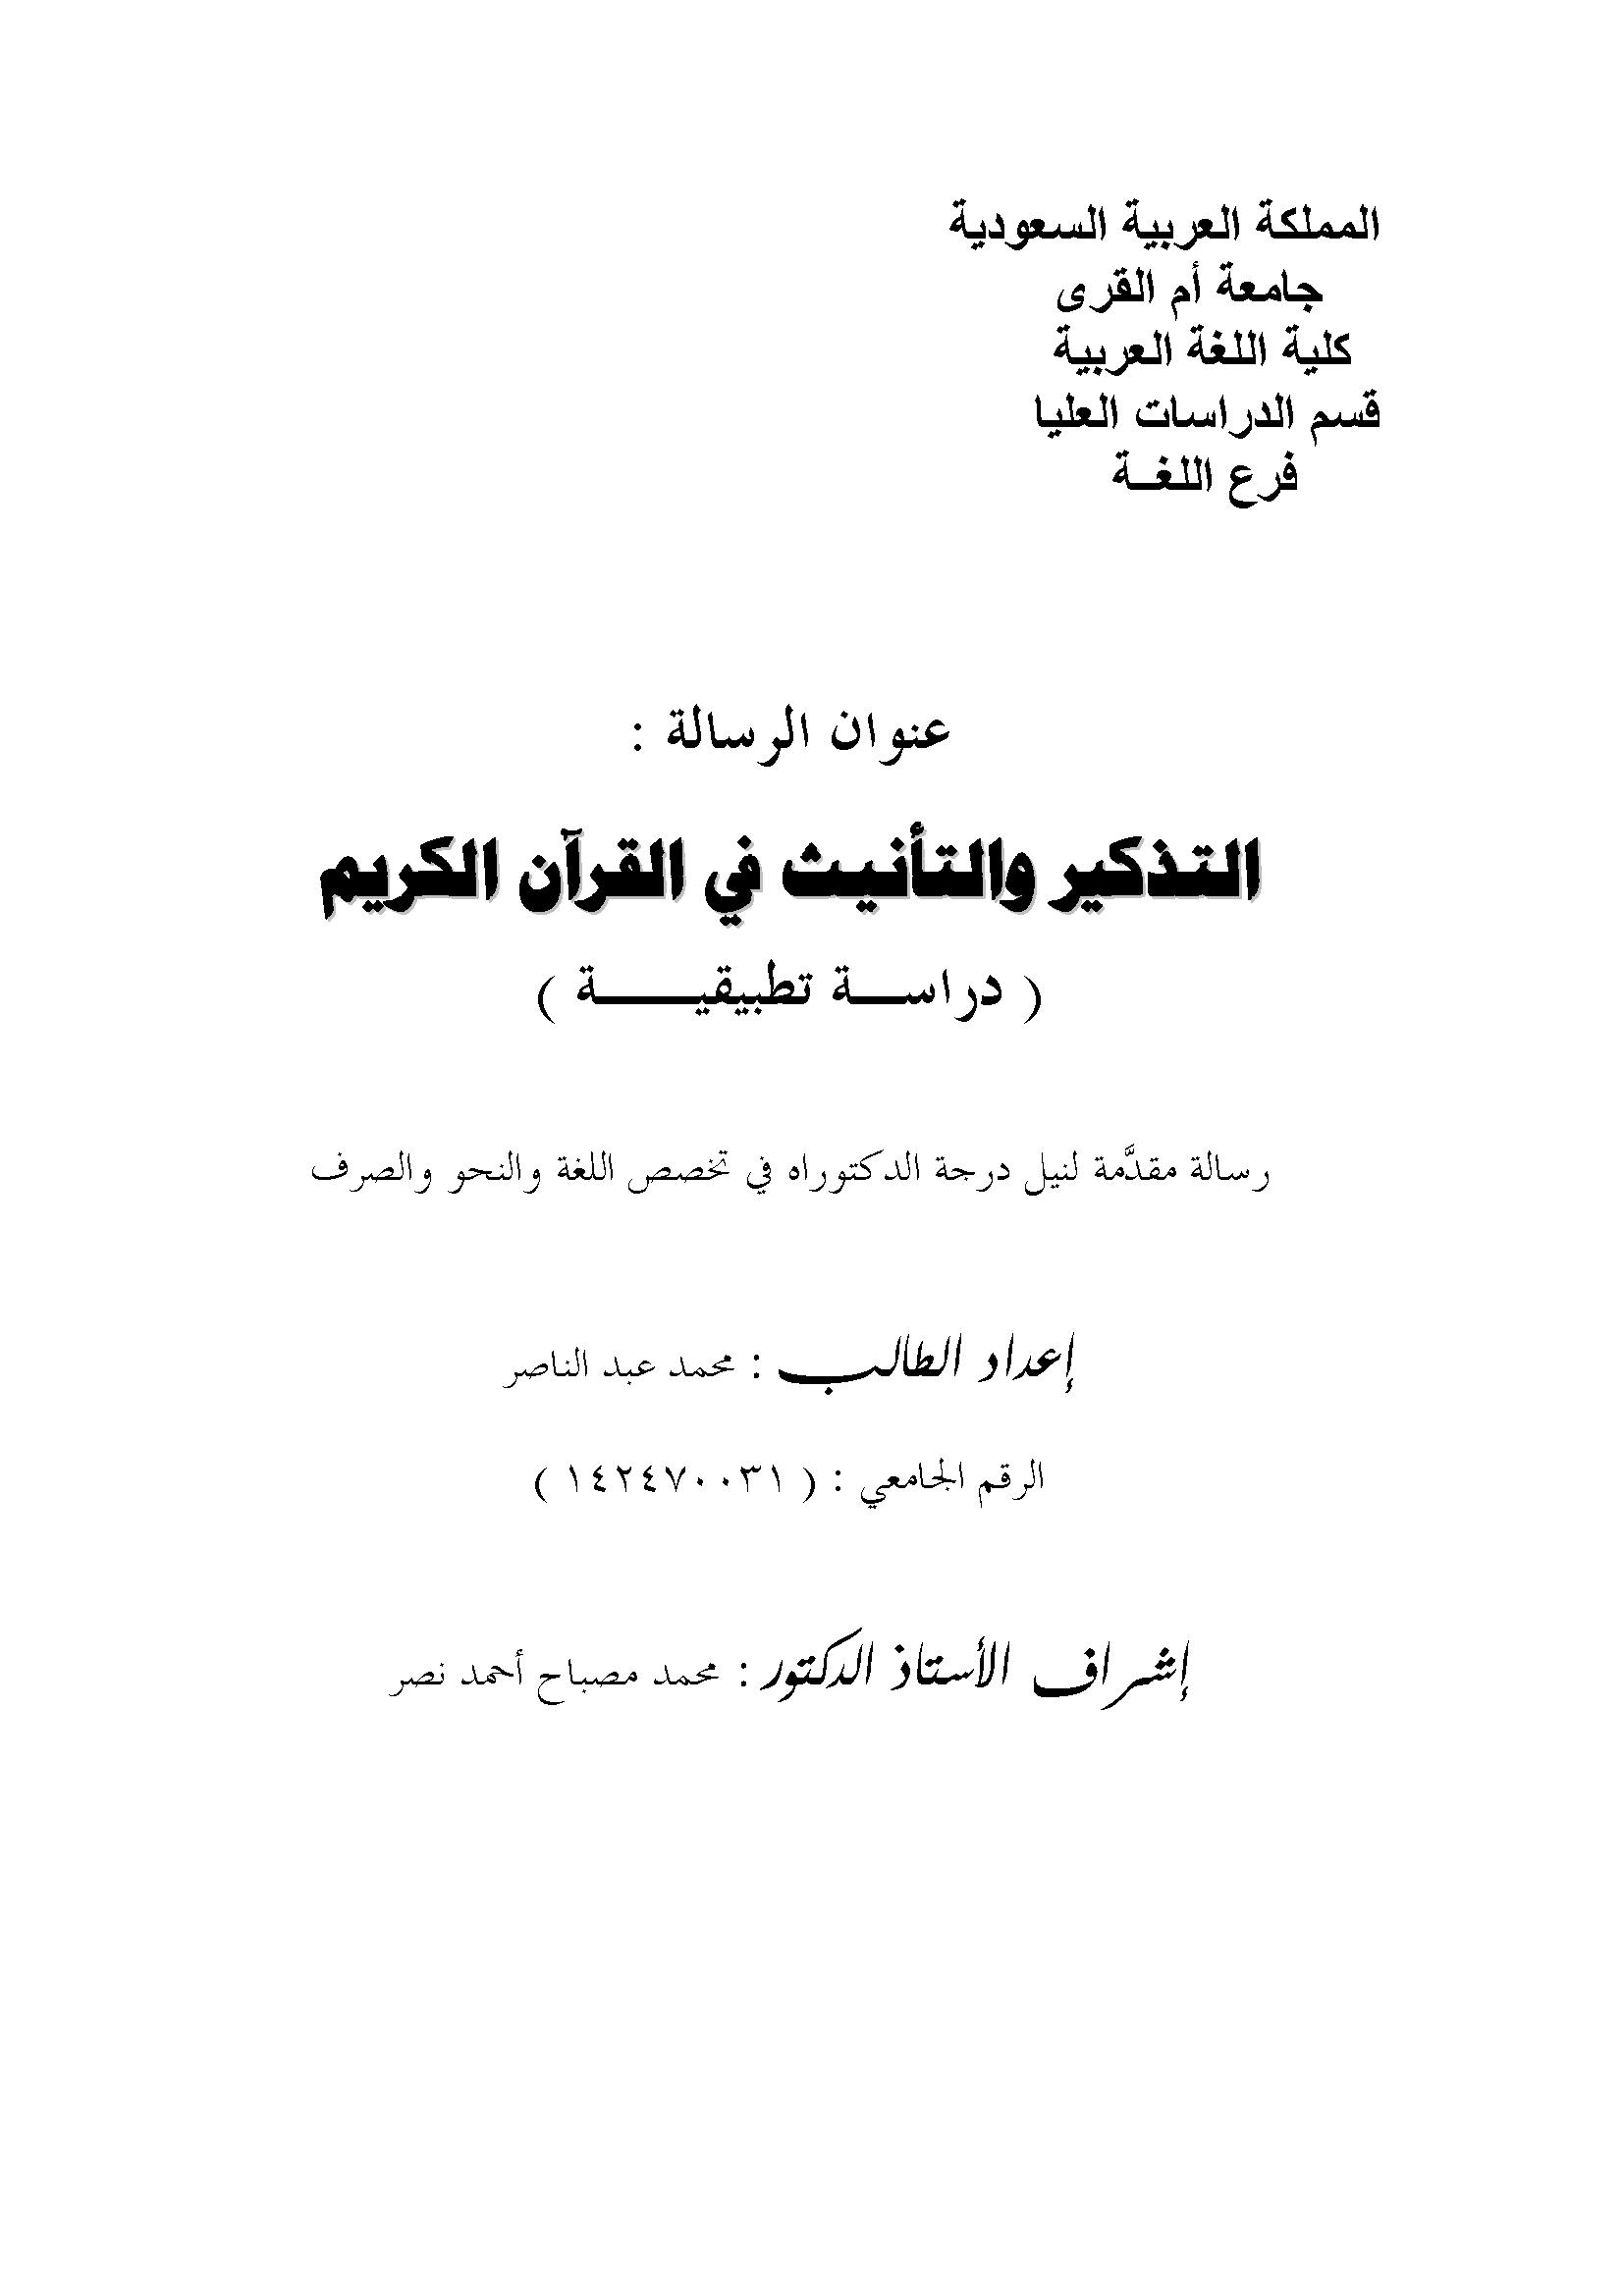 تحميل كتاب التذكير والتأنيث في القرآن الكريم (دراسة تطبيقية) لـِ: الدكتور محمد عبد الناصر